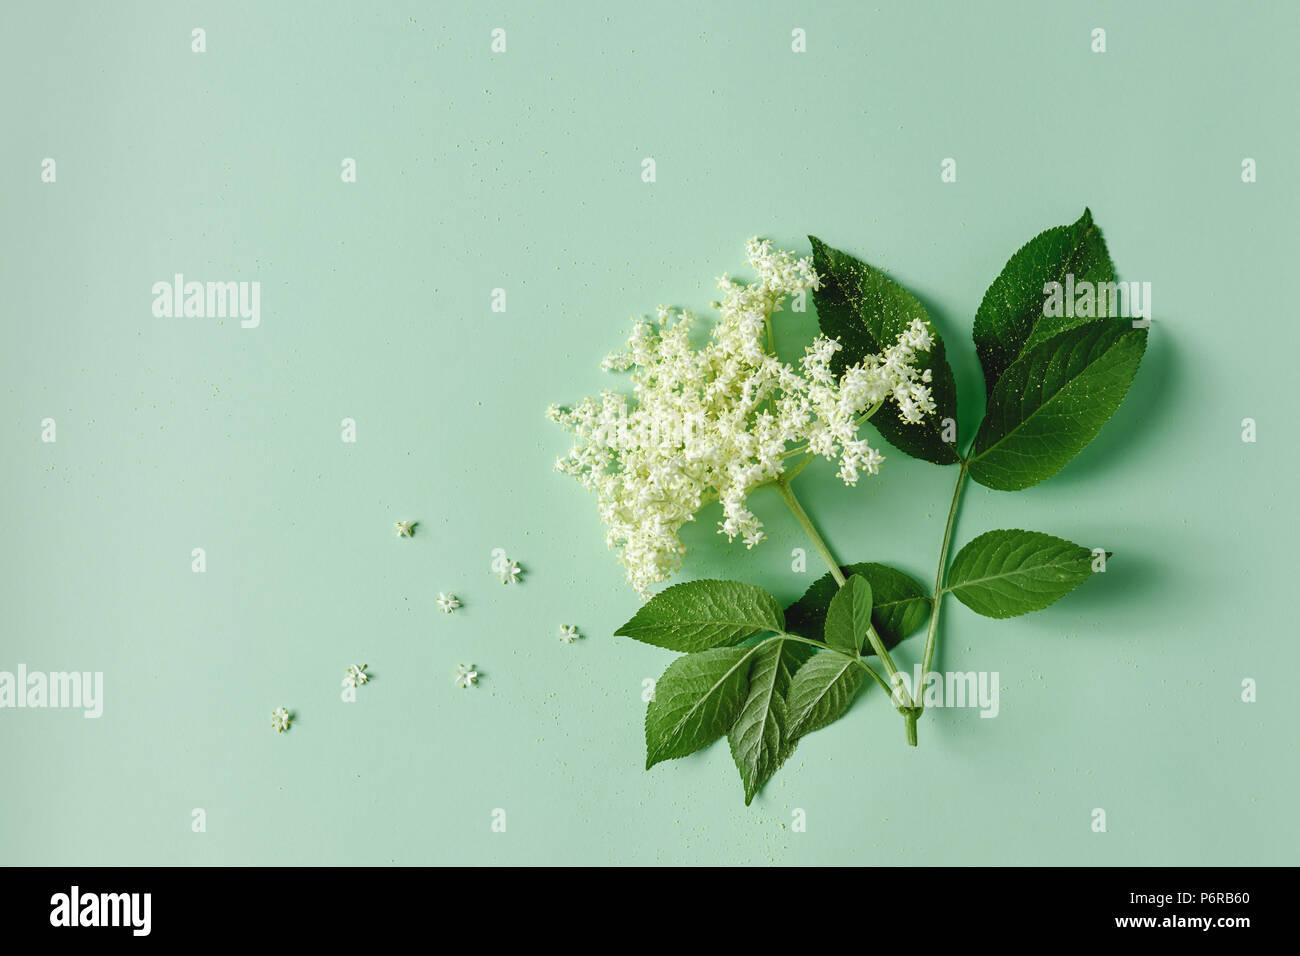 Elderflower blossom flower with leaves on light green background. - Stock Image